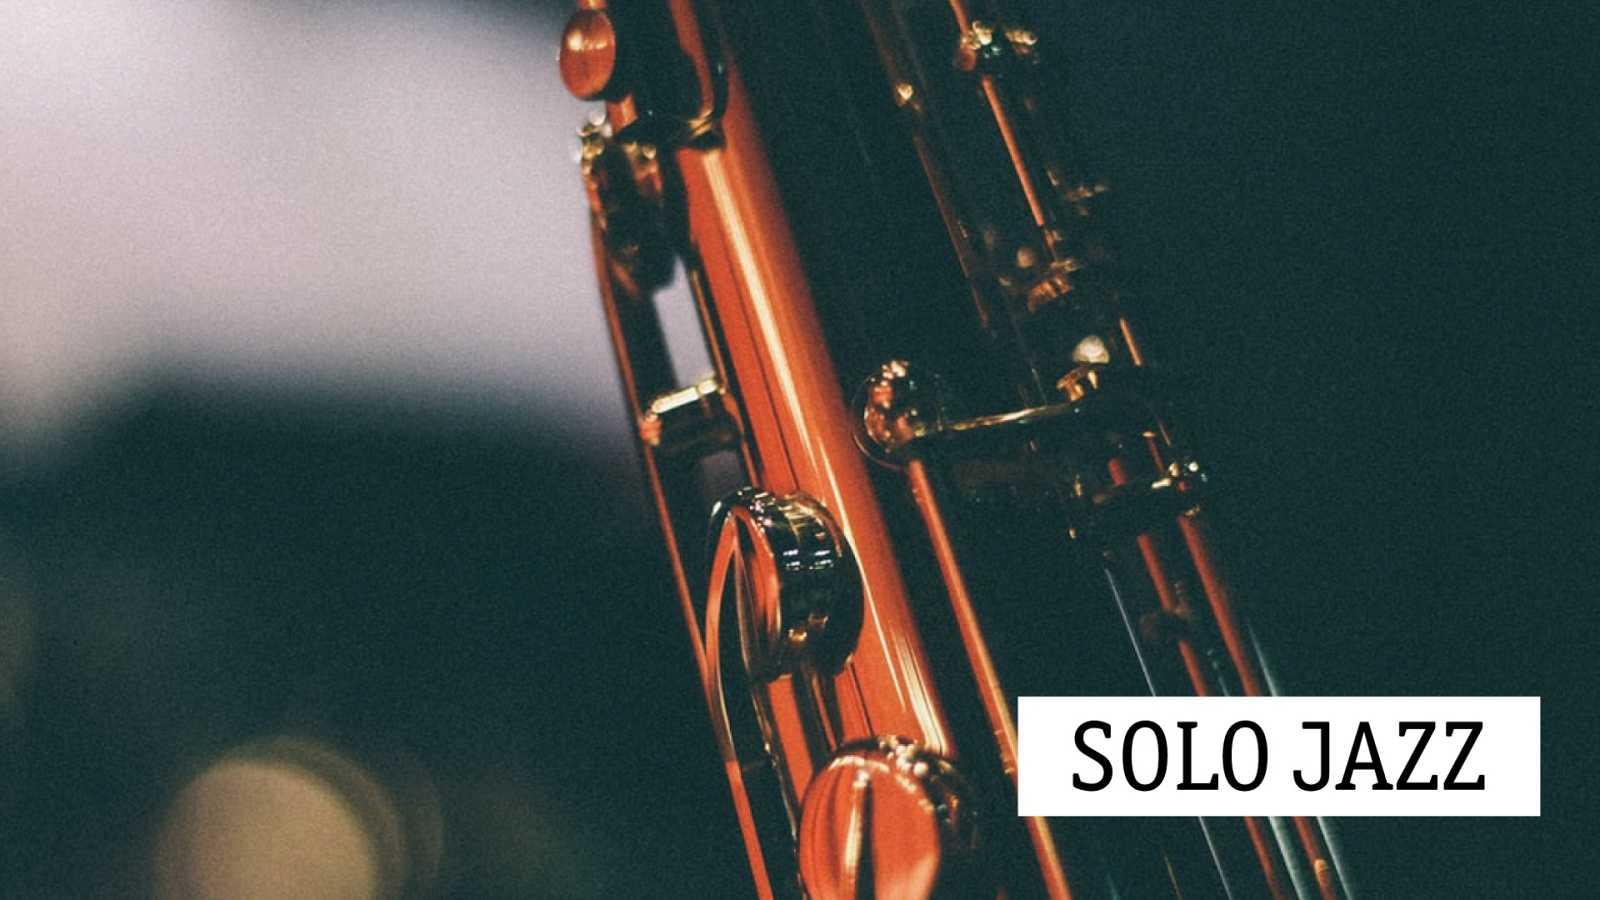 Solo jazz - Art Tatum, el piano absoluto - 28/04/21 - escuchar ahora